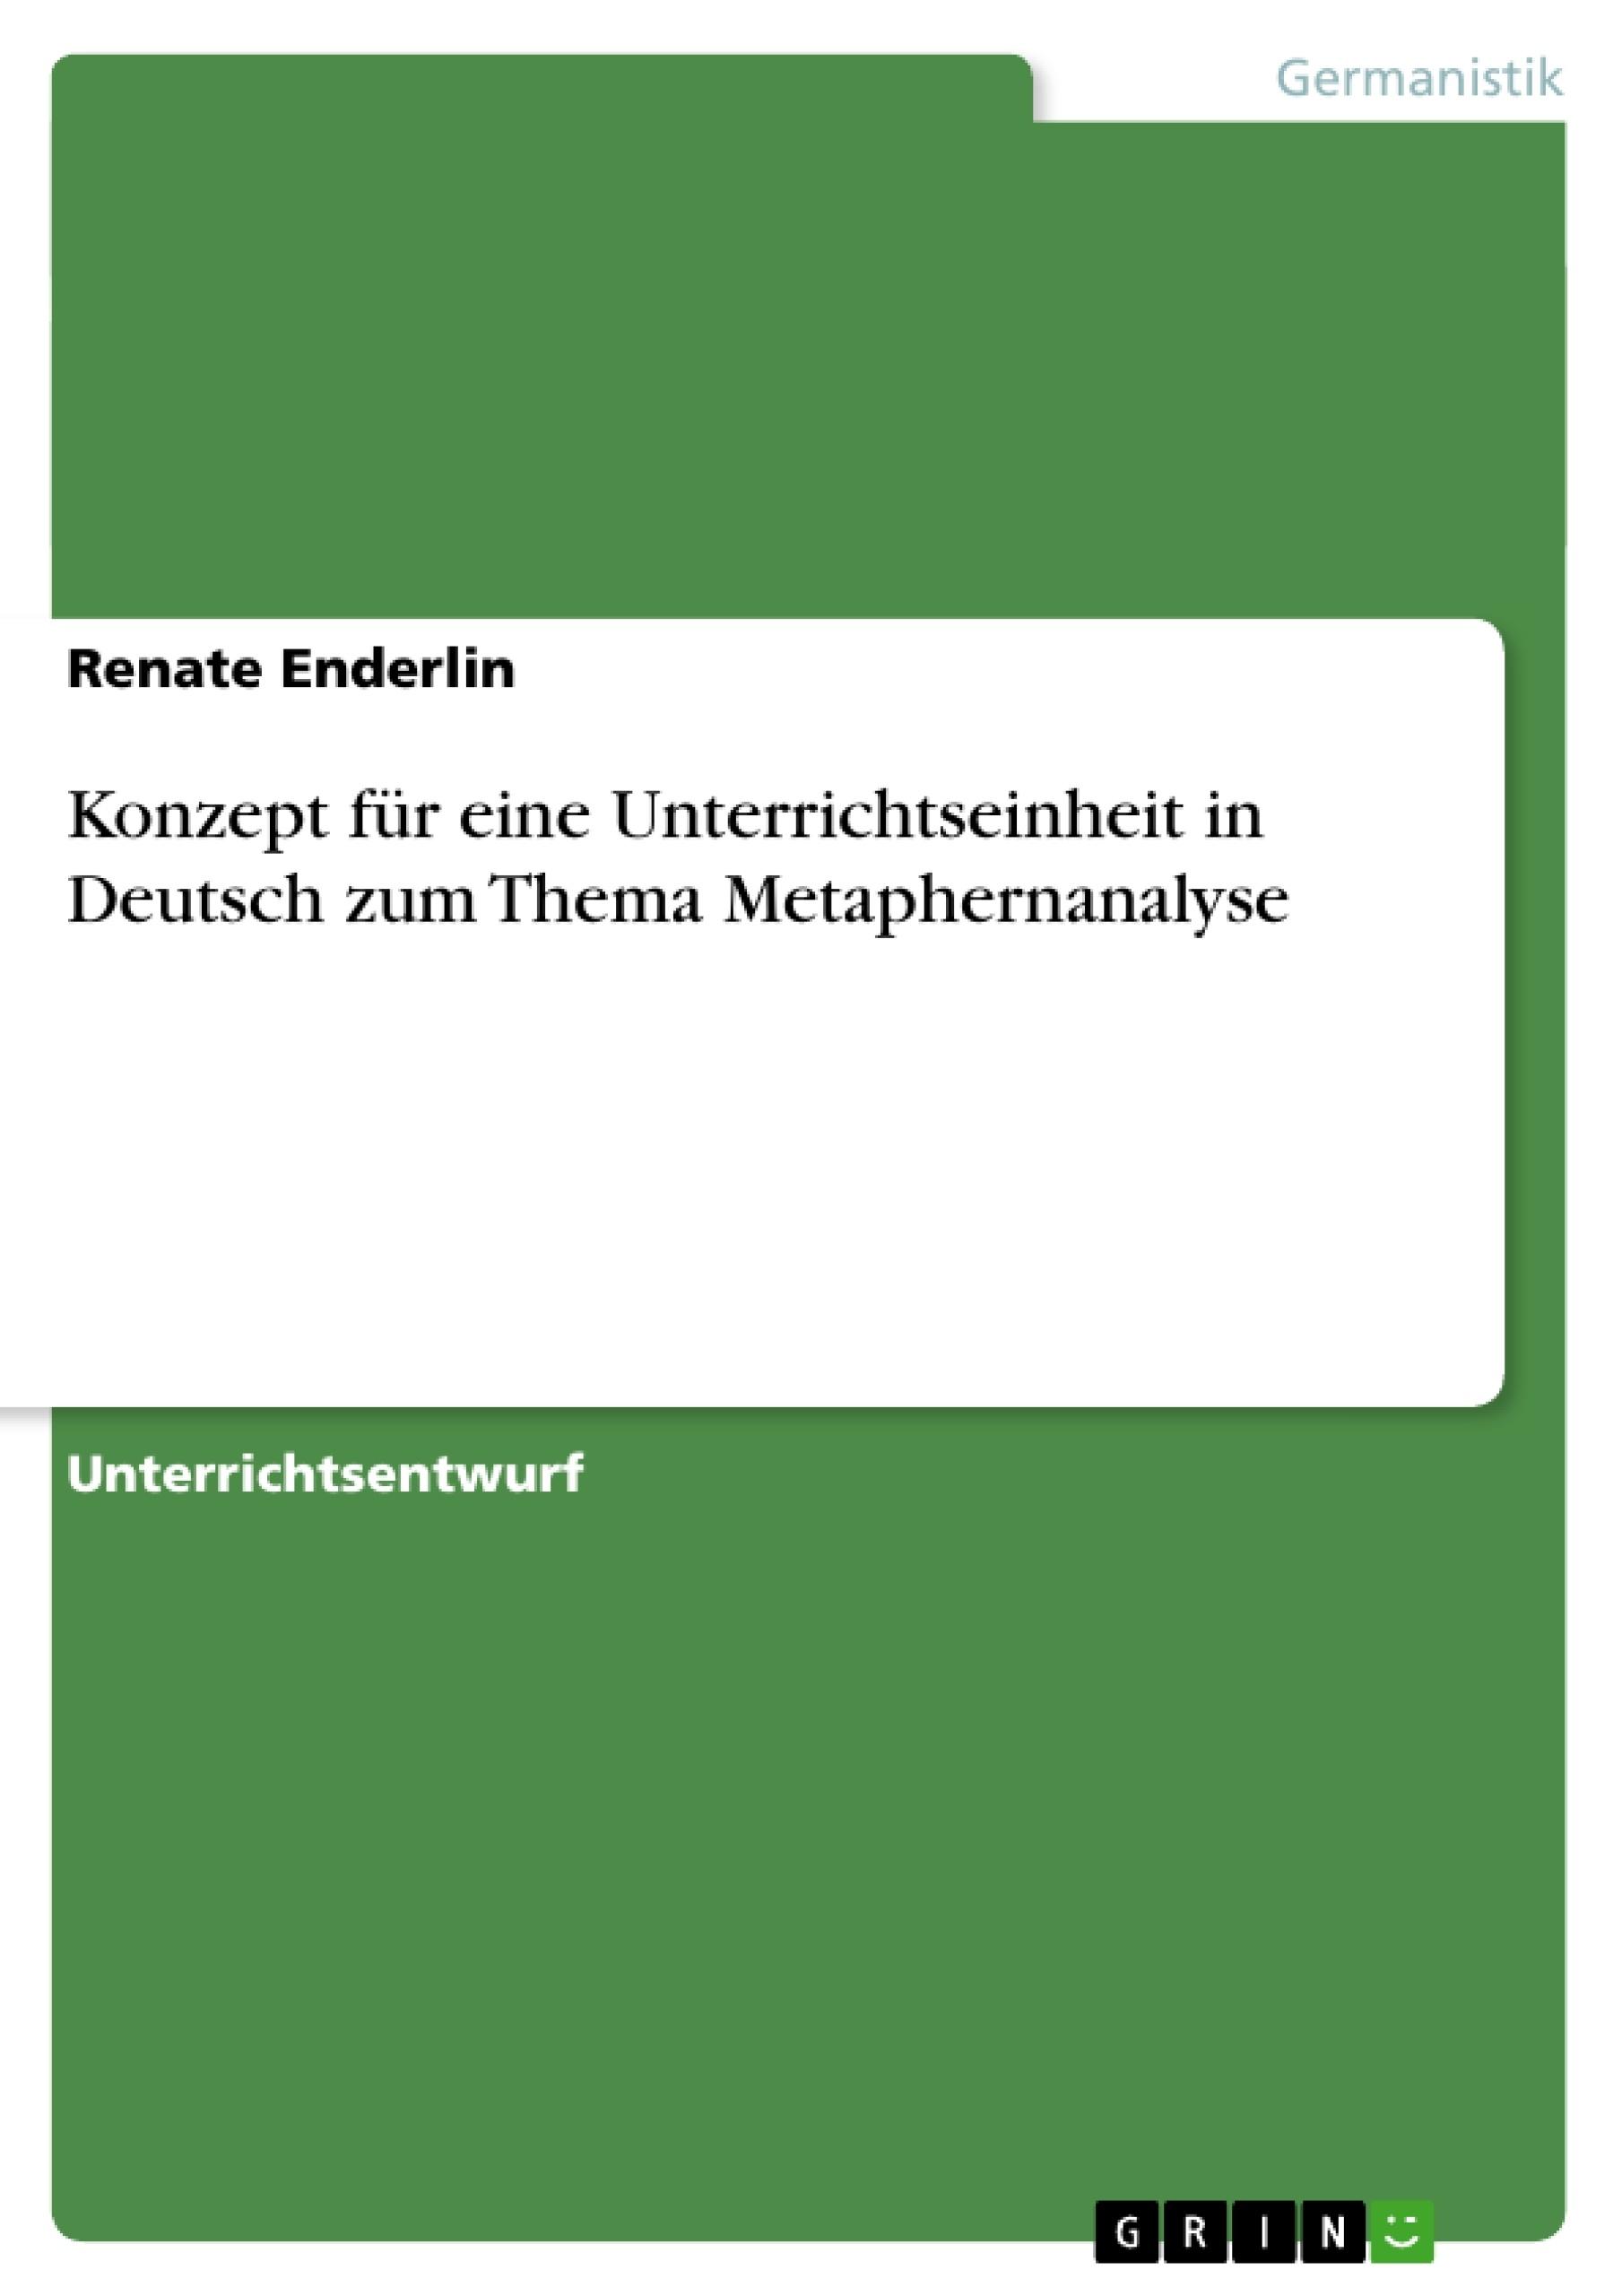 Konzept für eine Unterrichtseinheit in Deutsch zum Thema ...